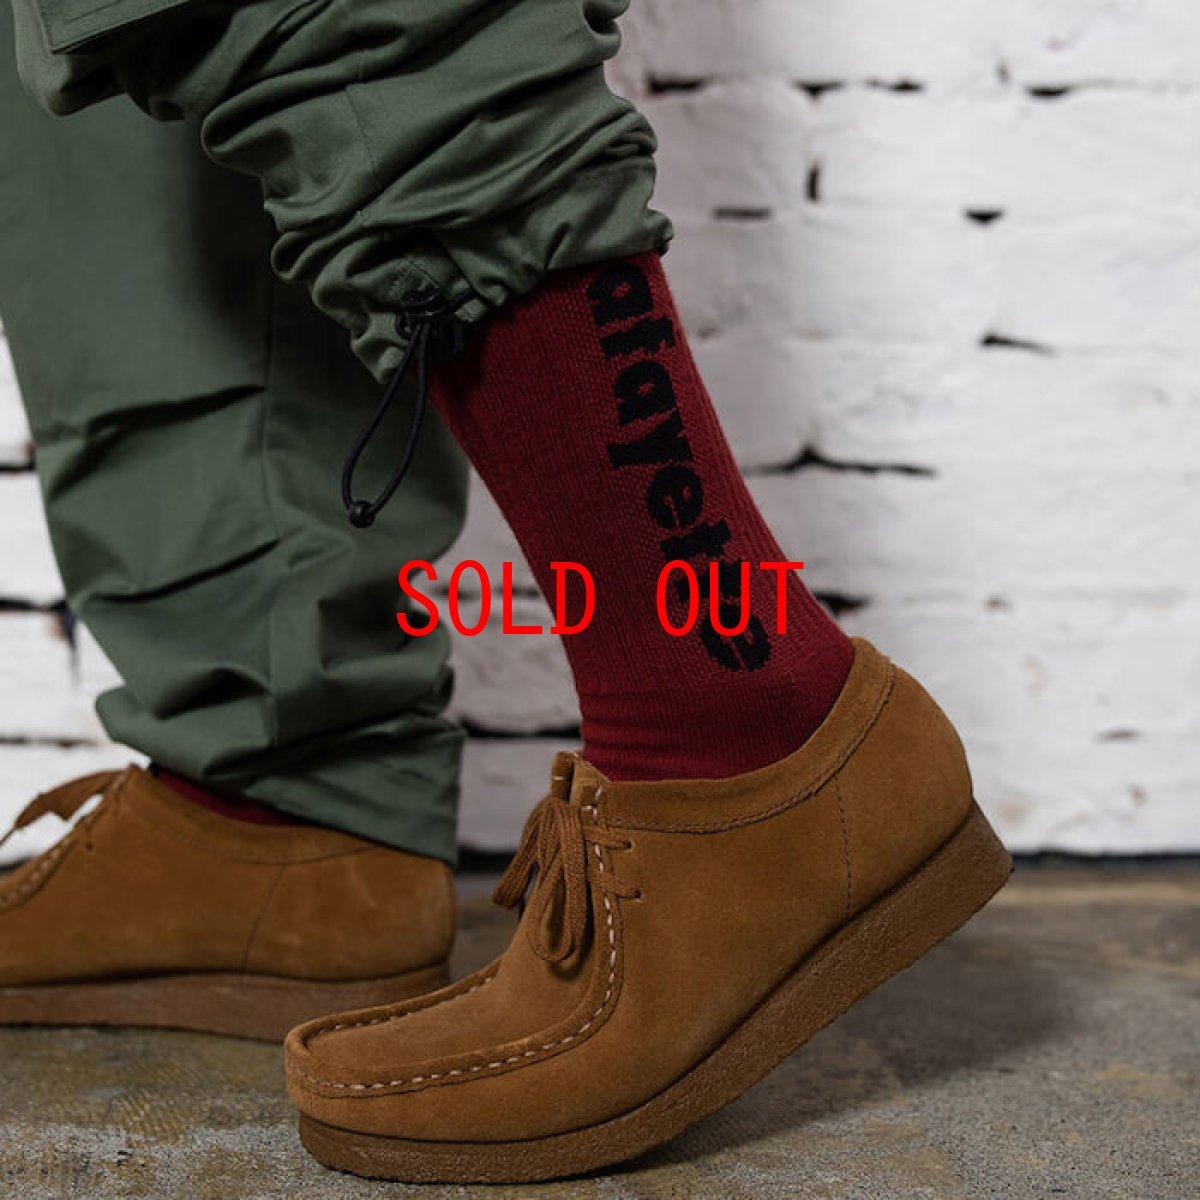 画像1: Logo Socks ソックス 靴下 Burgundy White Black (1)